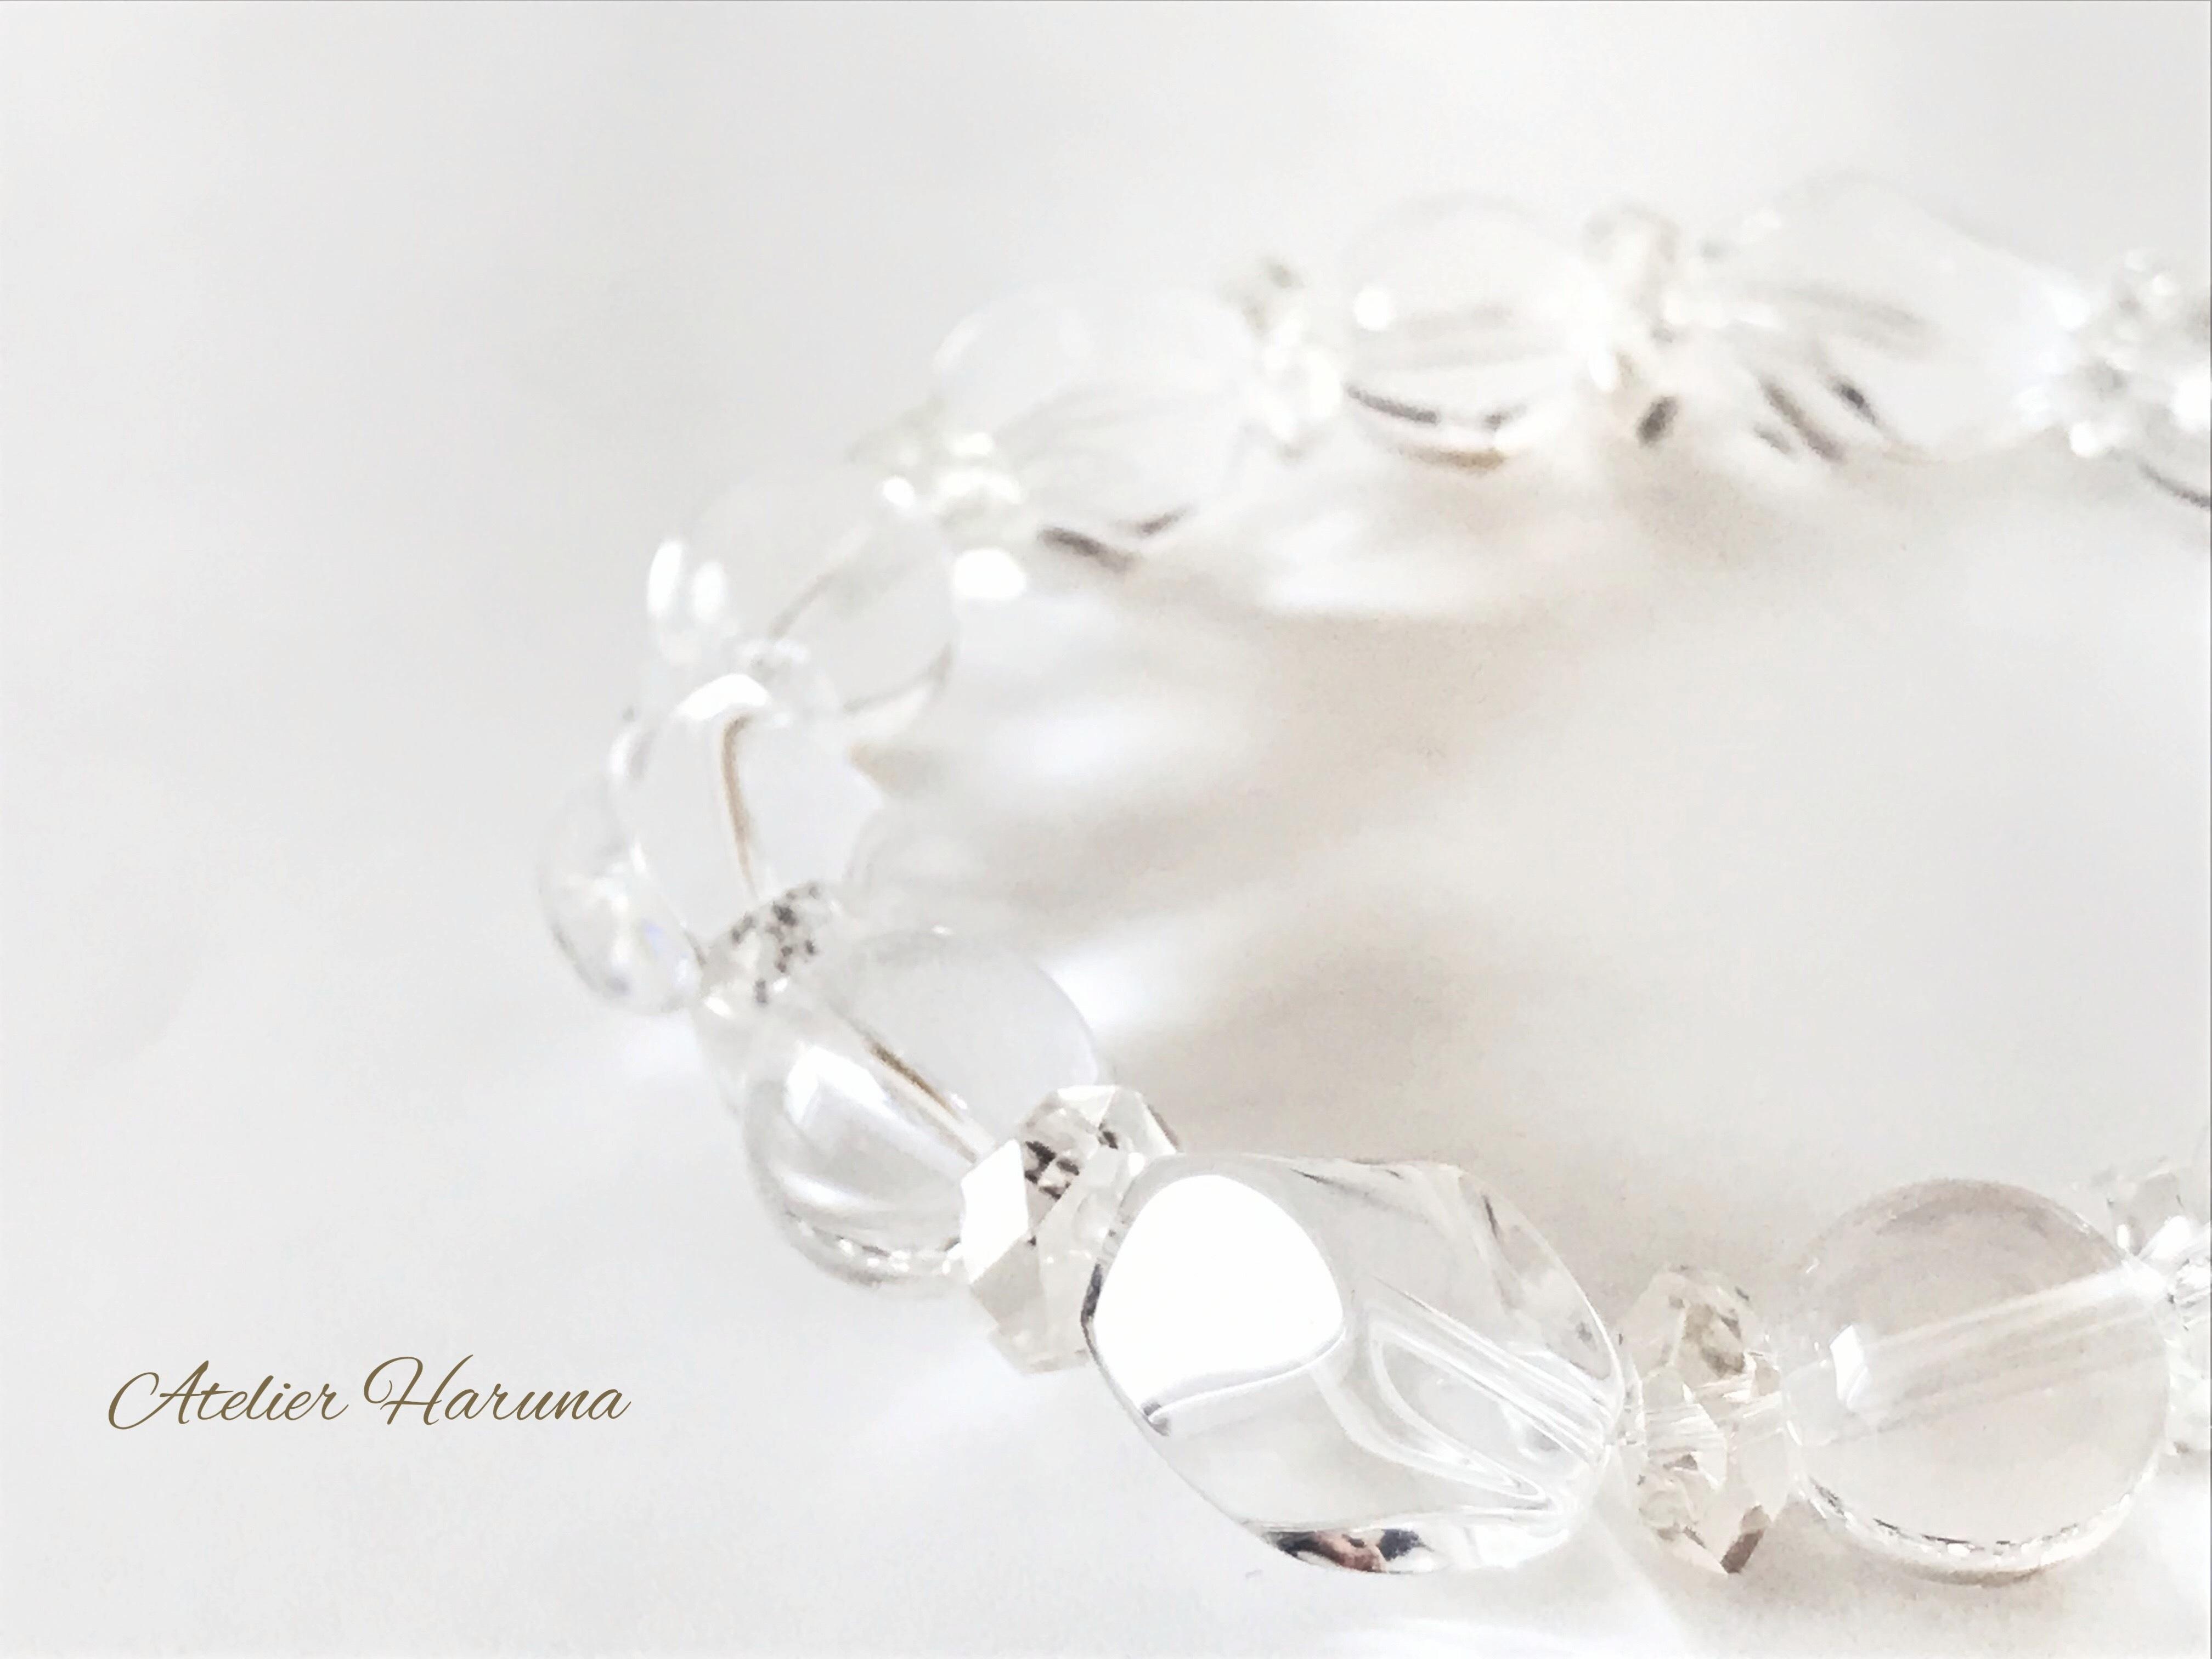 水晶のブレスレット